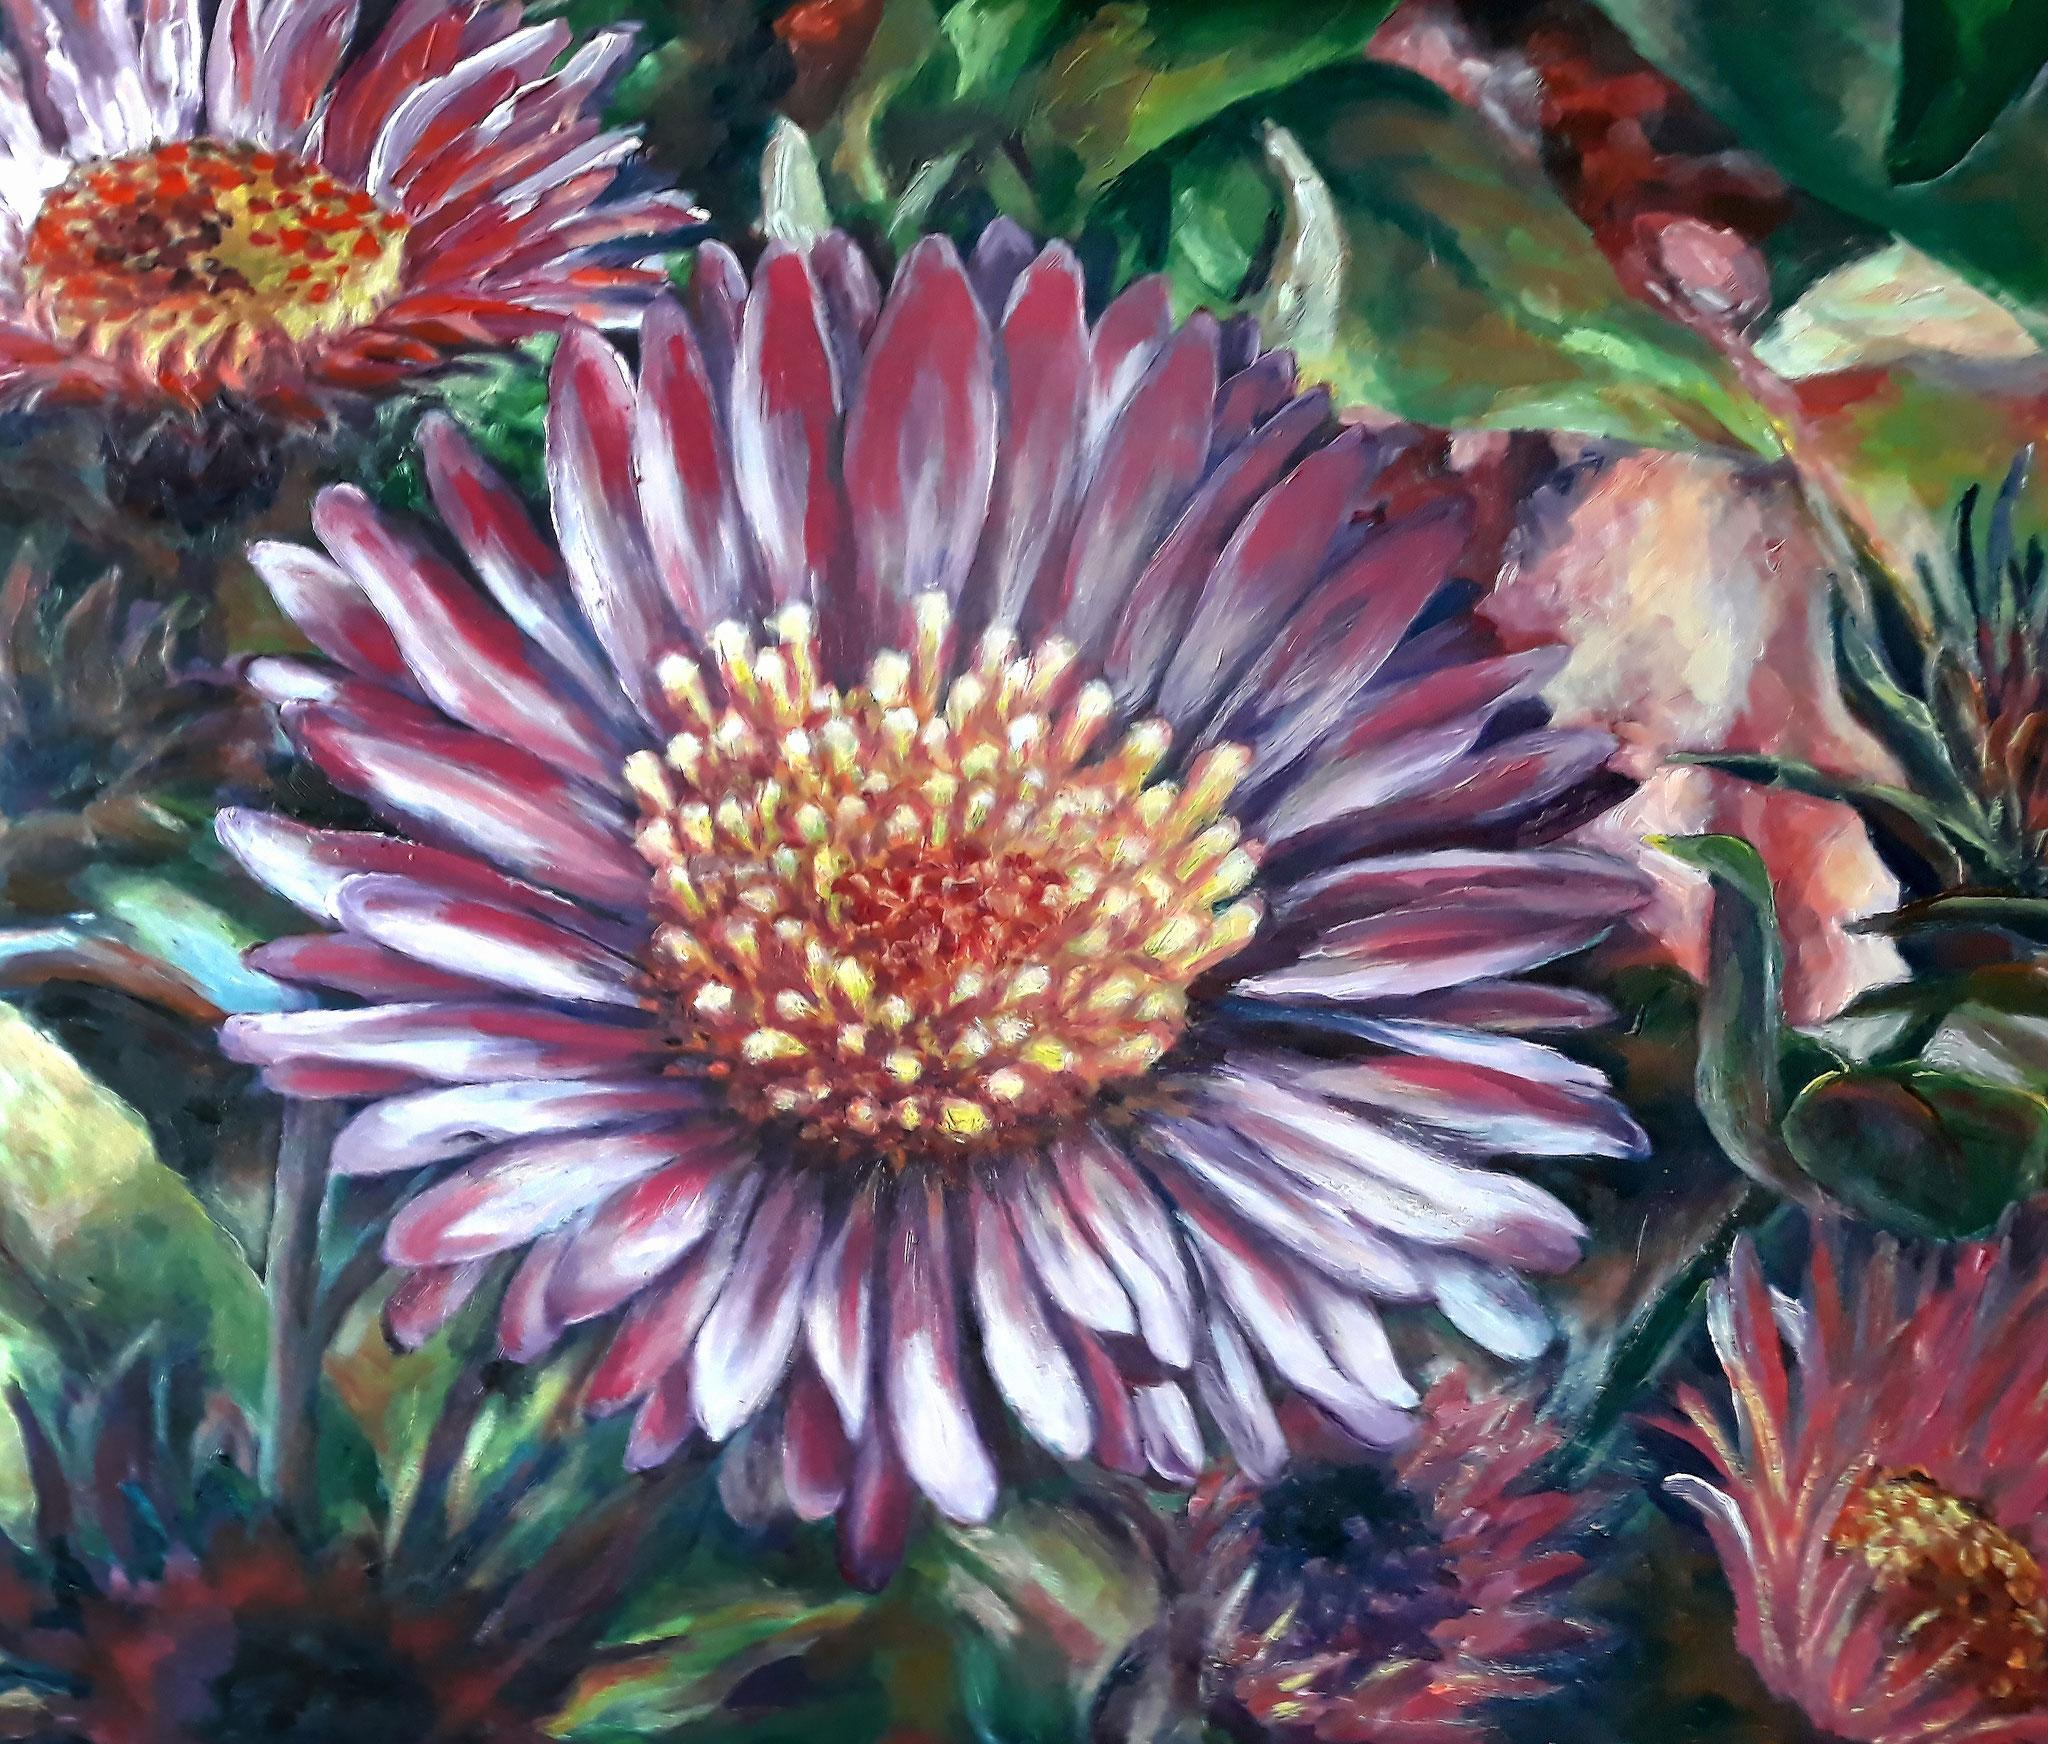 Chrysanthemen, frau jenson 2019, Ölmalerei auf Holz